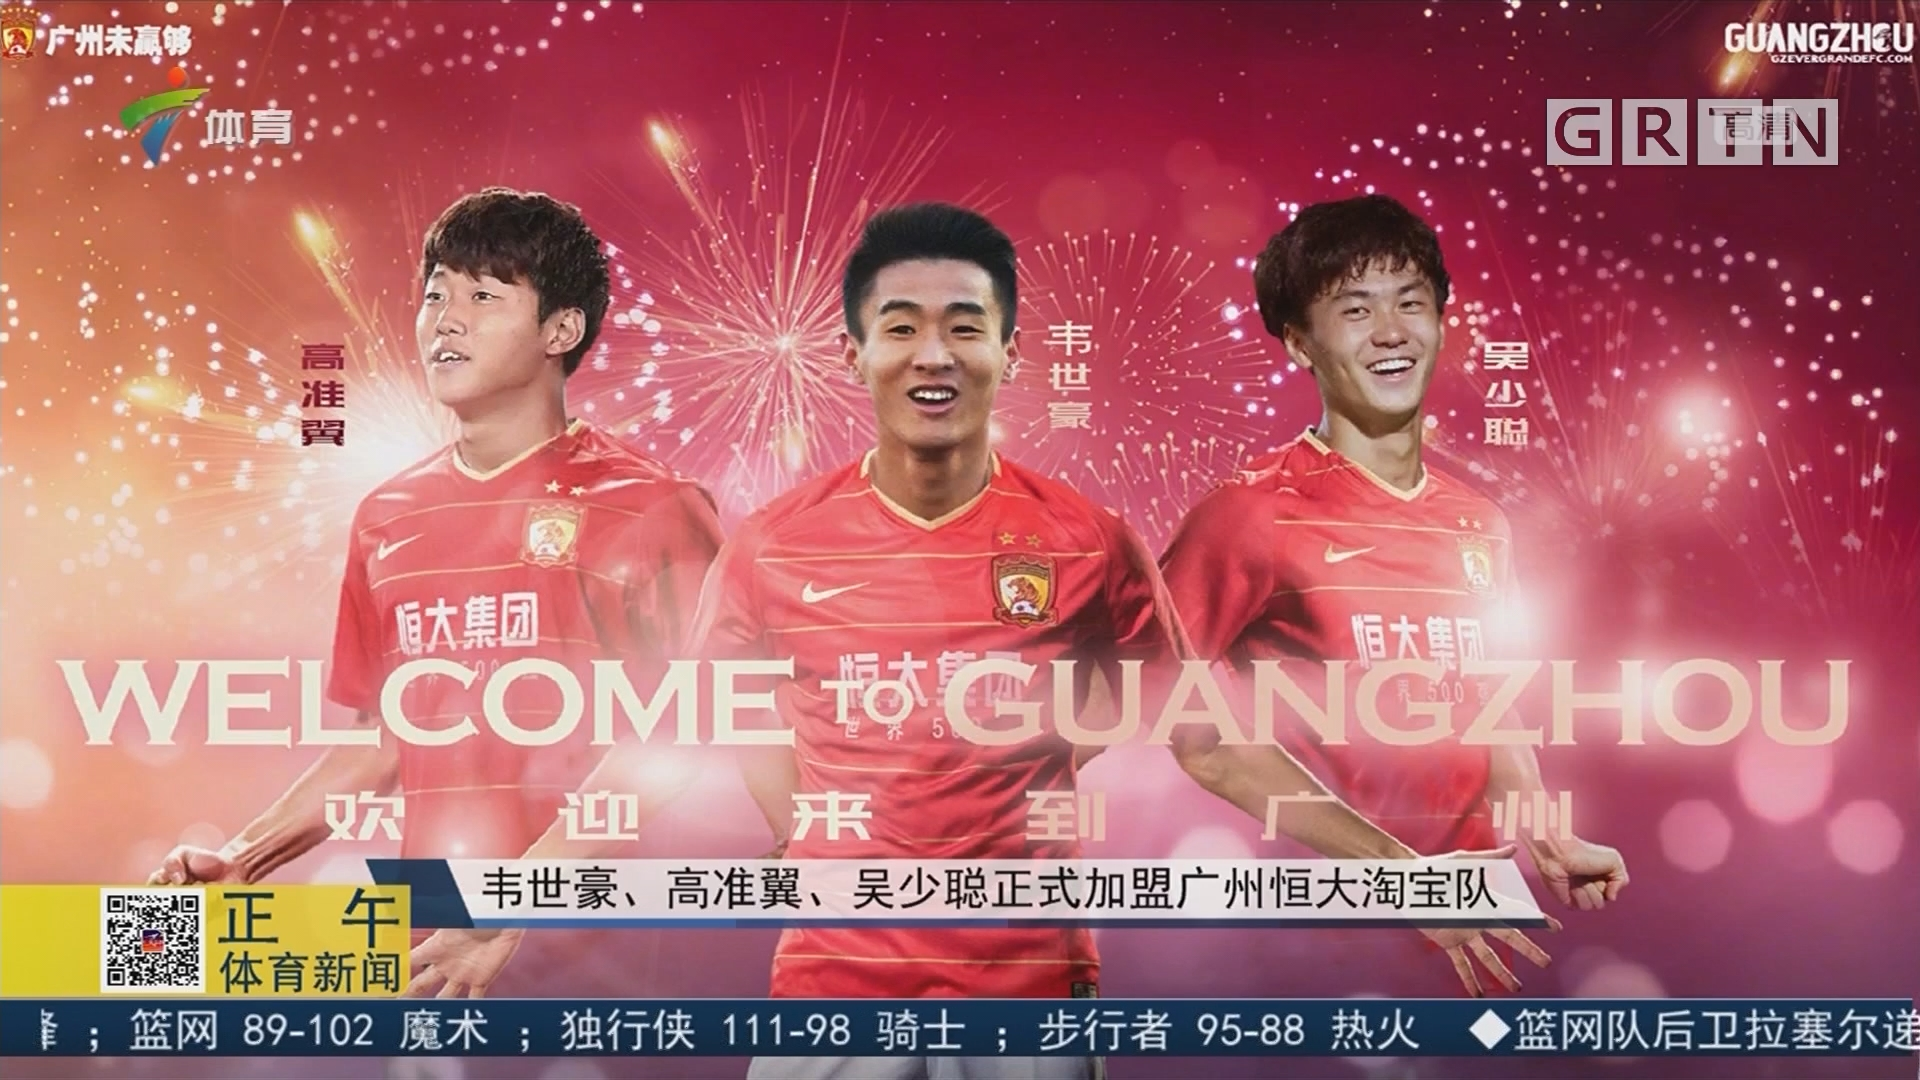 韦世豪、高准翼、吴少聪正式加盟广州恒大淘宝队